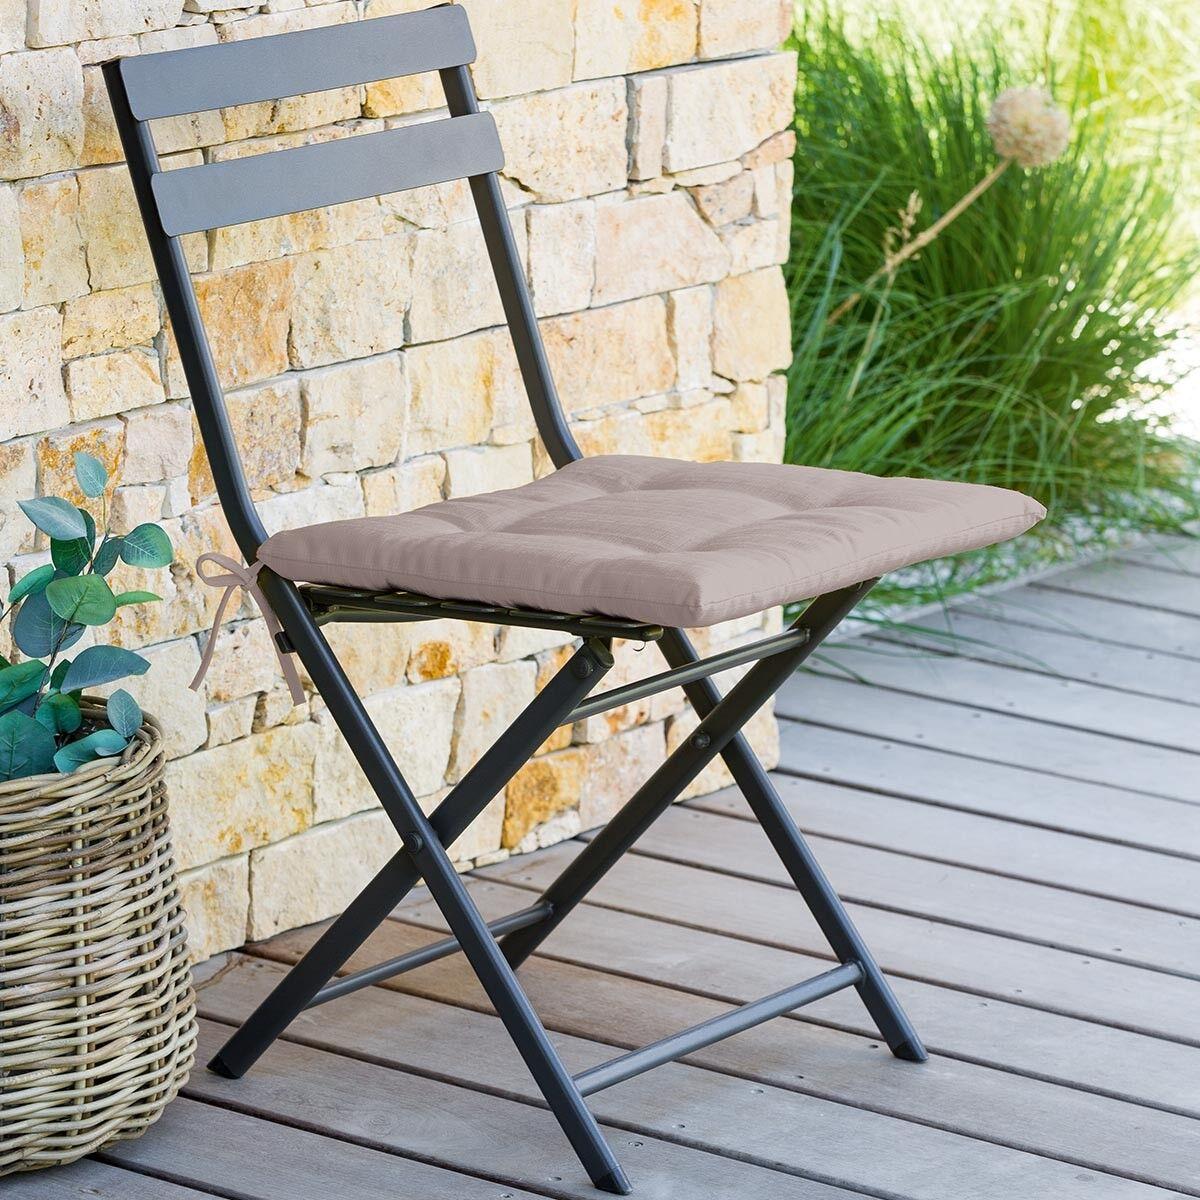 Hespéride Galette de chaise carrée 4 points Taupe Jardin